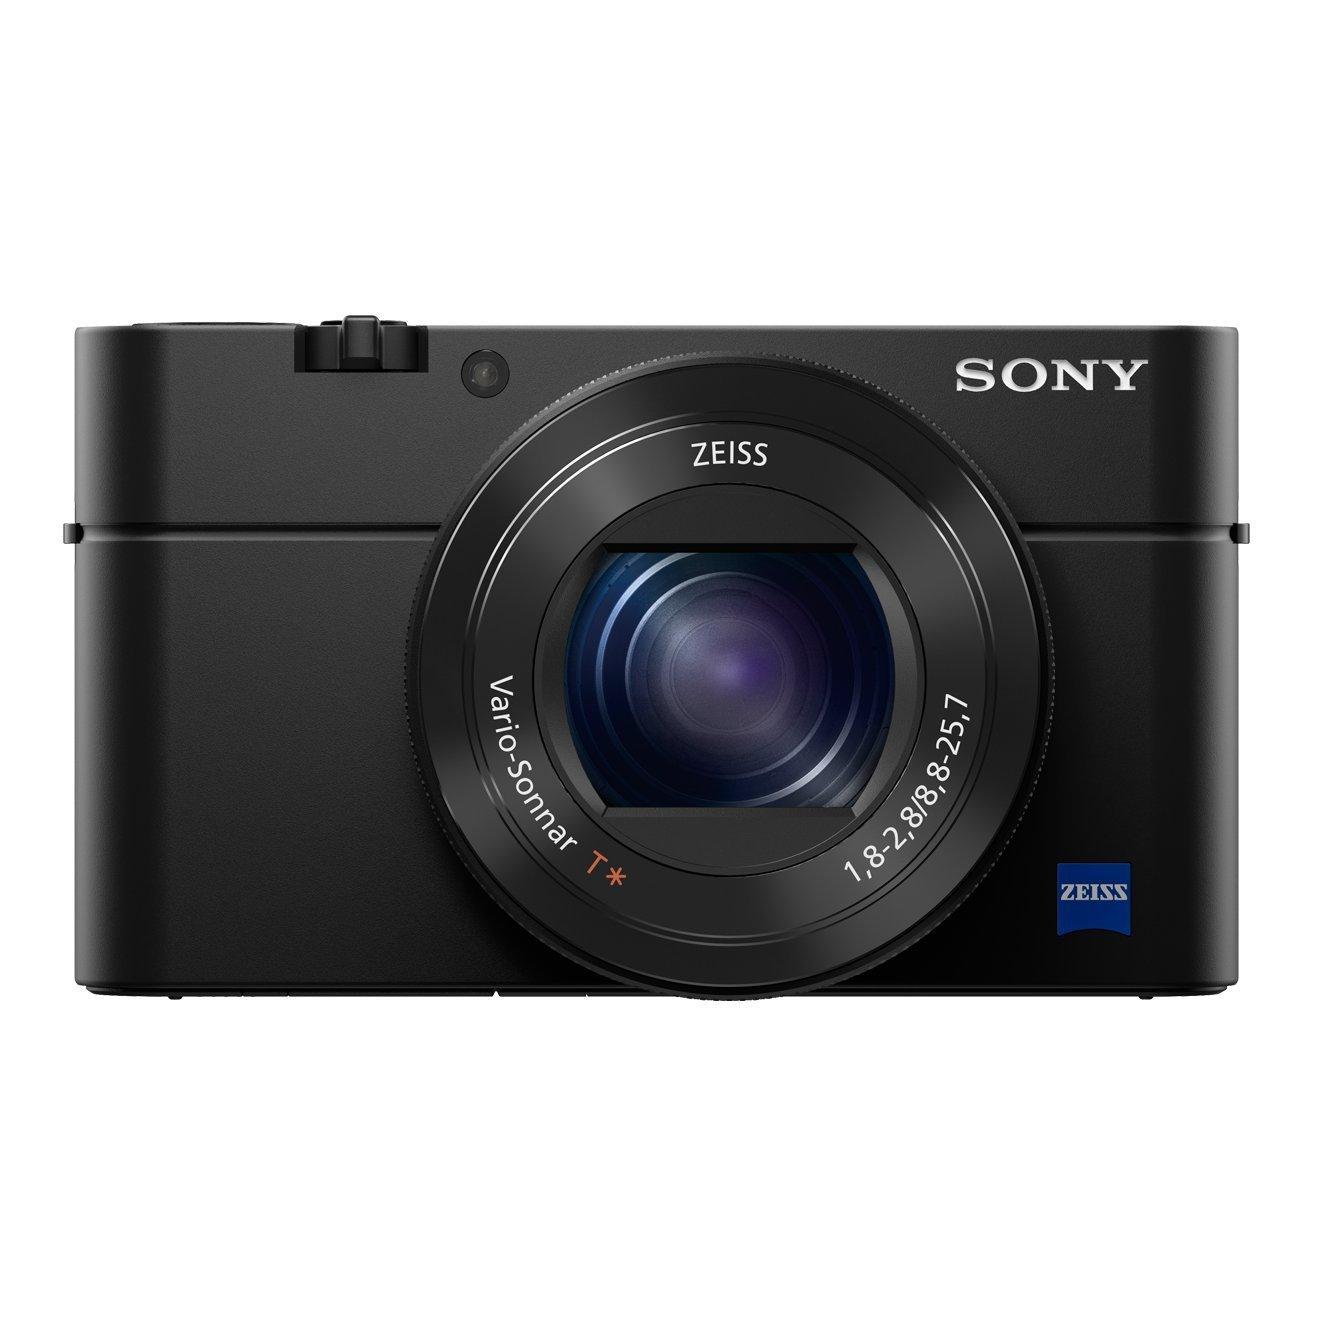 Sony DSCRX100M4 (RX100 IV) 20.1MP 4K Compact Camera £580 (£480 after cashback) @ Amazon